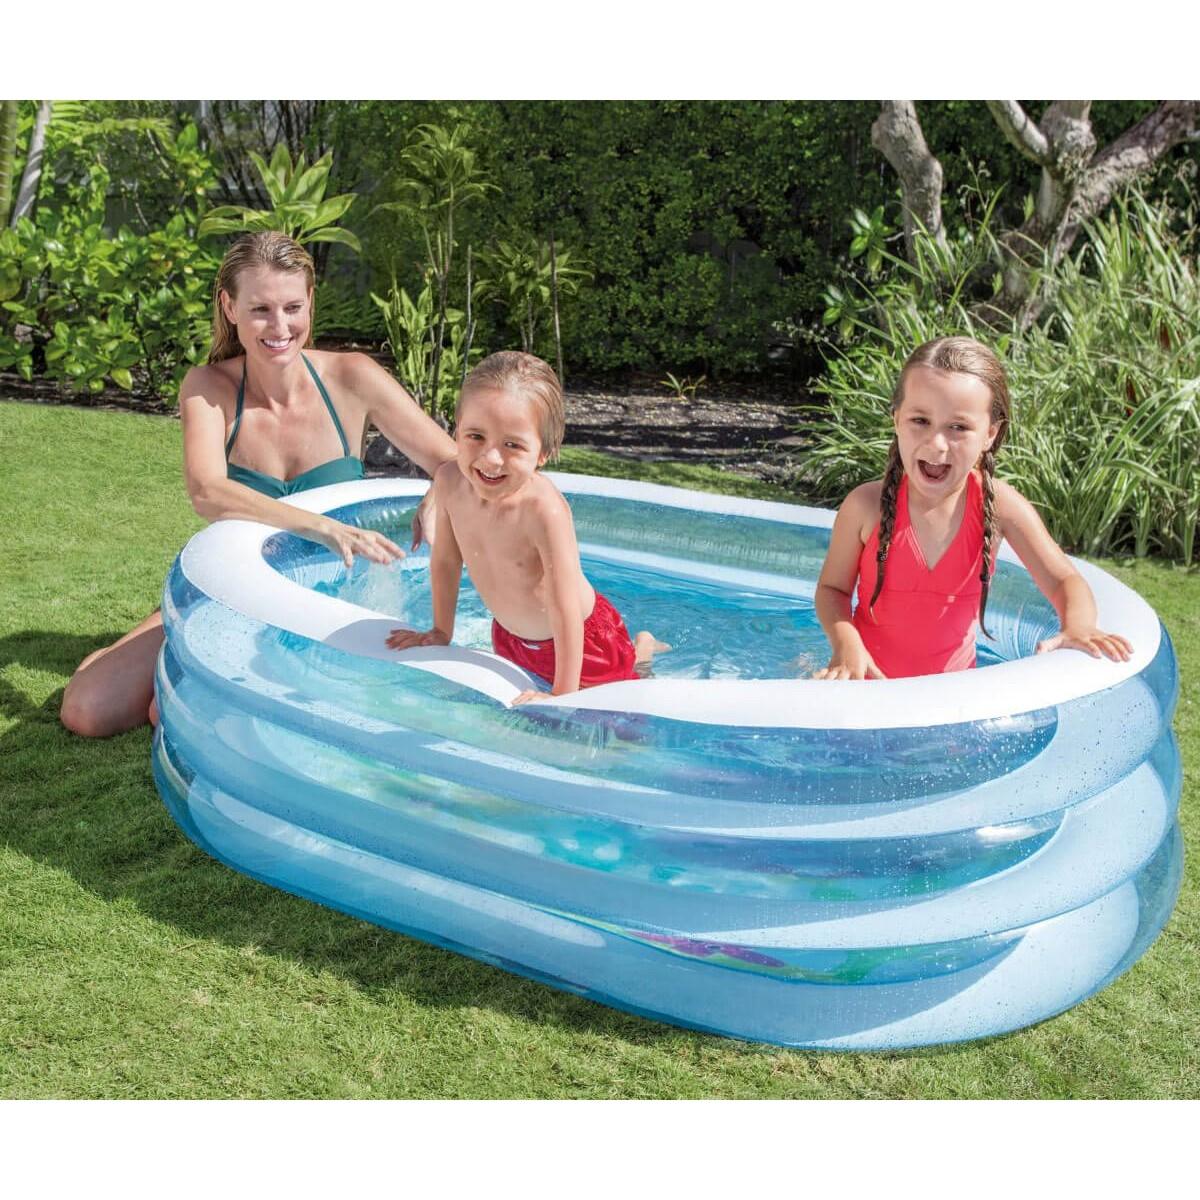 503b59ff6a1 Intex Детски надуваем басейн Морски приятели Intex Детски надуваем басейн  Морски приятели